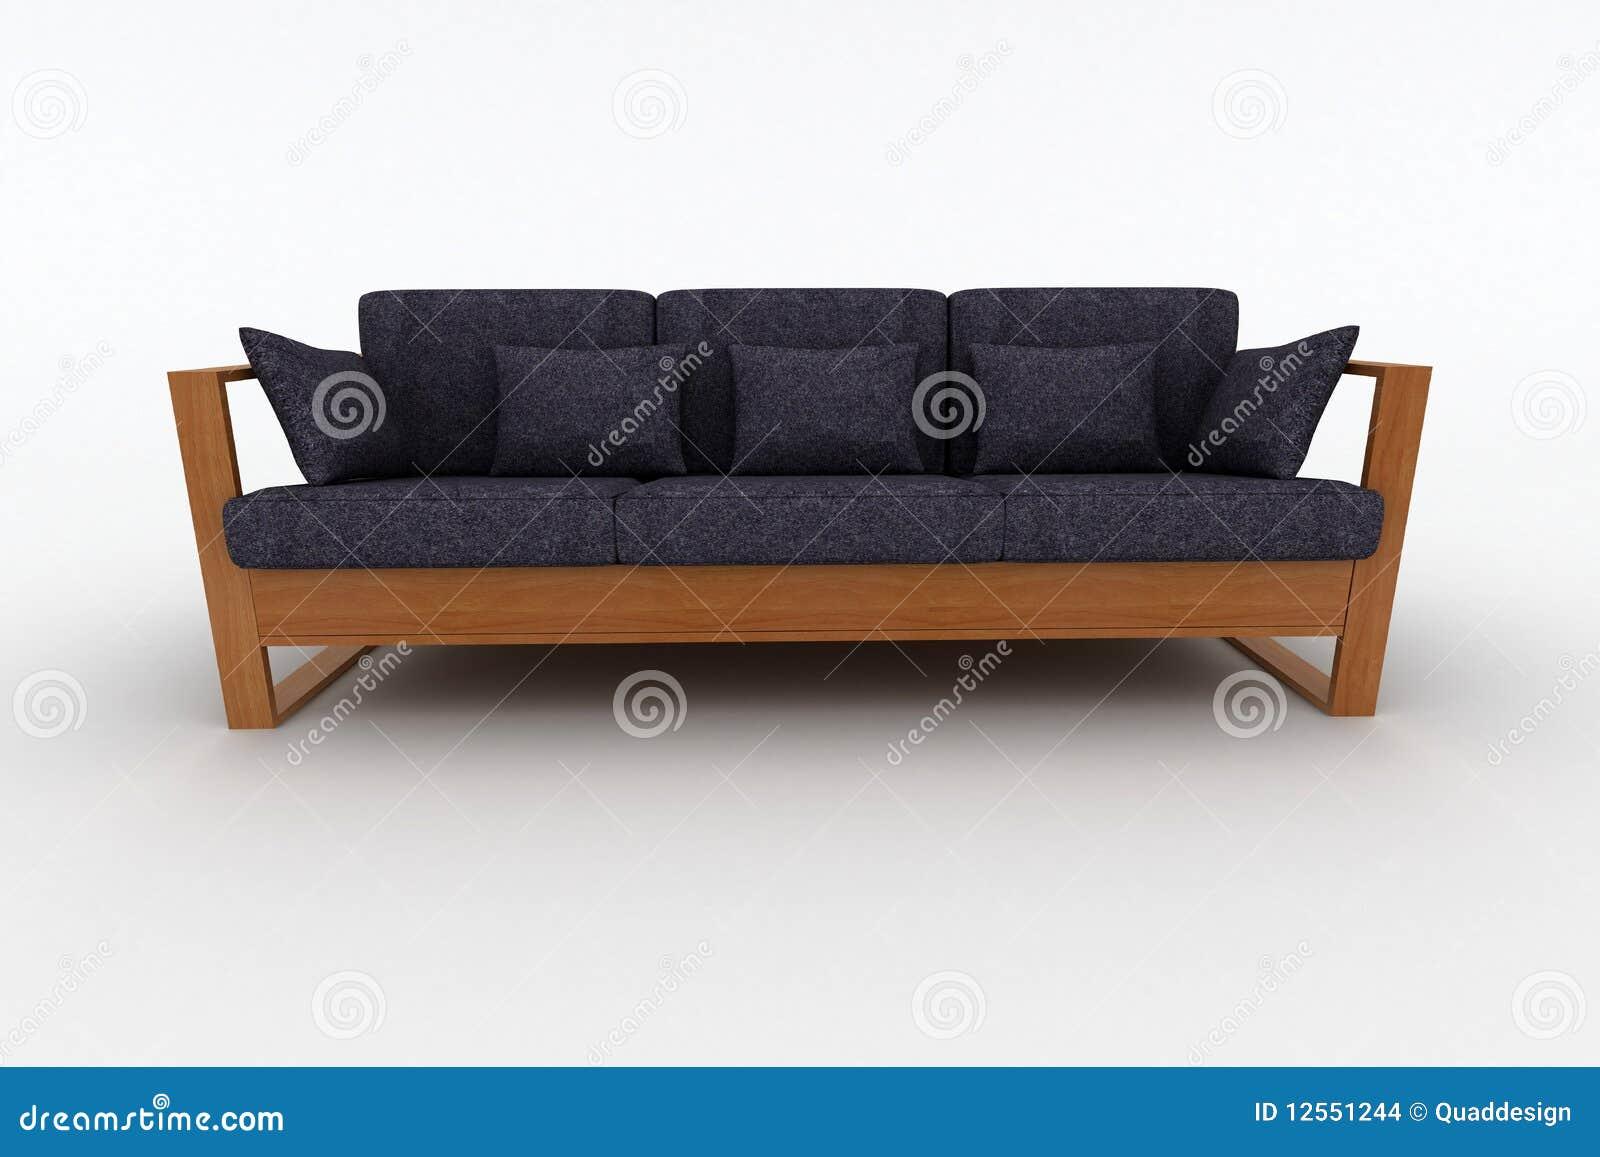 sofa stock abbildung bild von leben m bel bequem konferenz 12551244. Black Bedroom Furniture Sets. Home Design Ideas